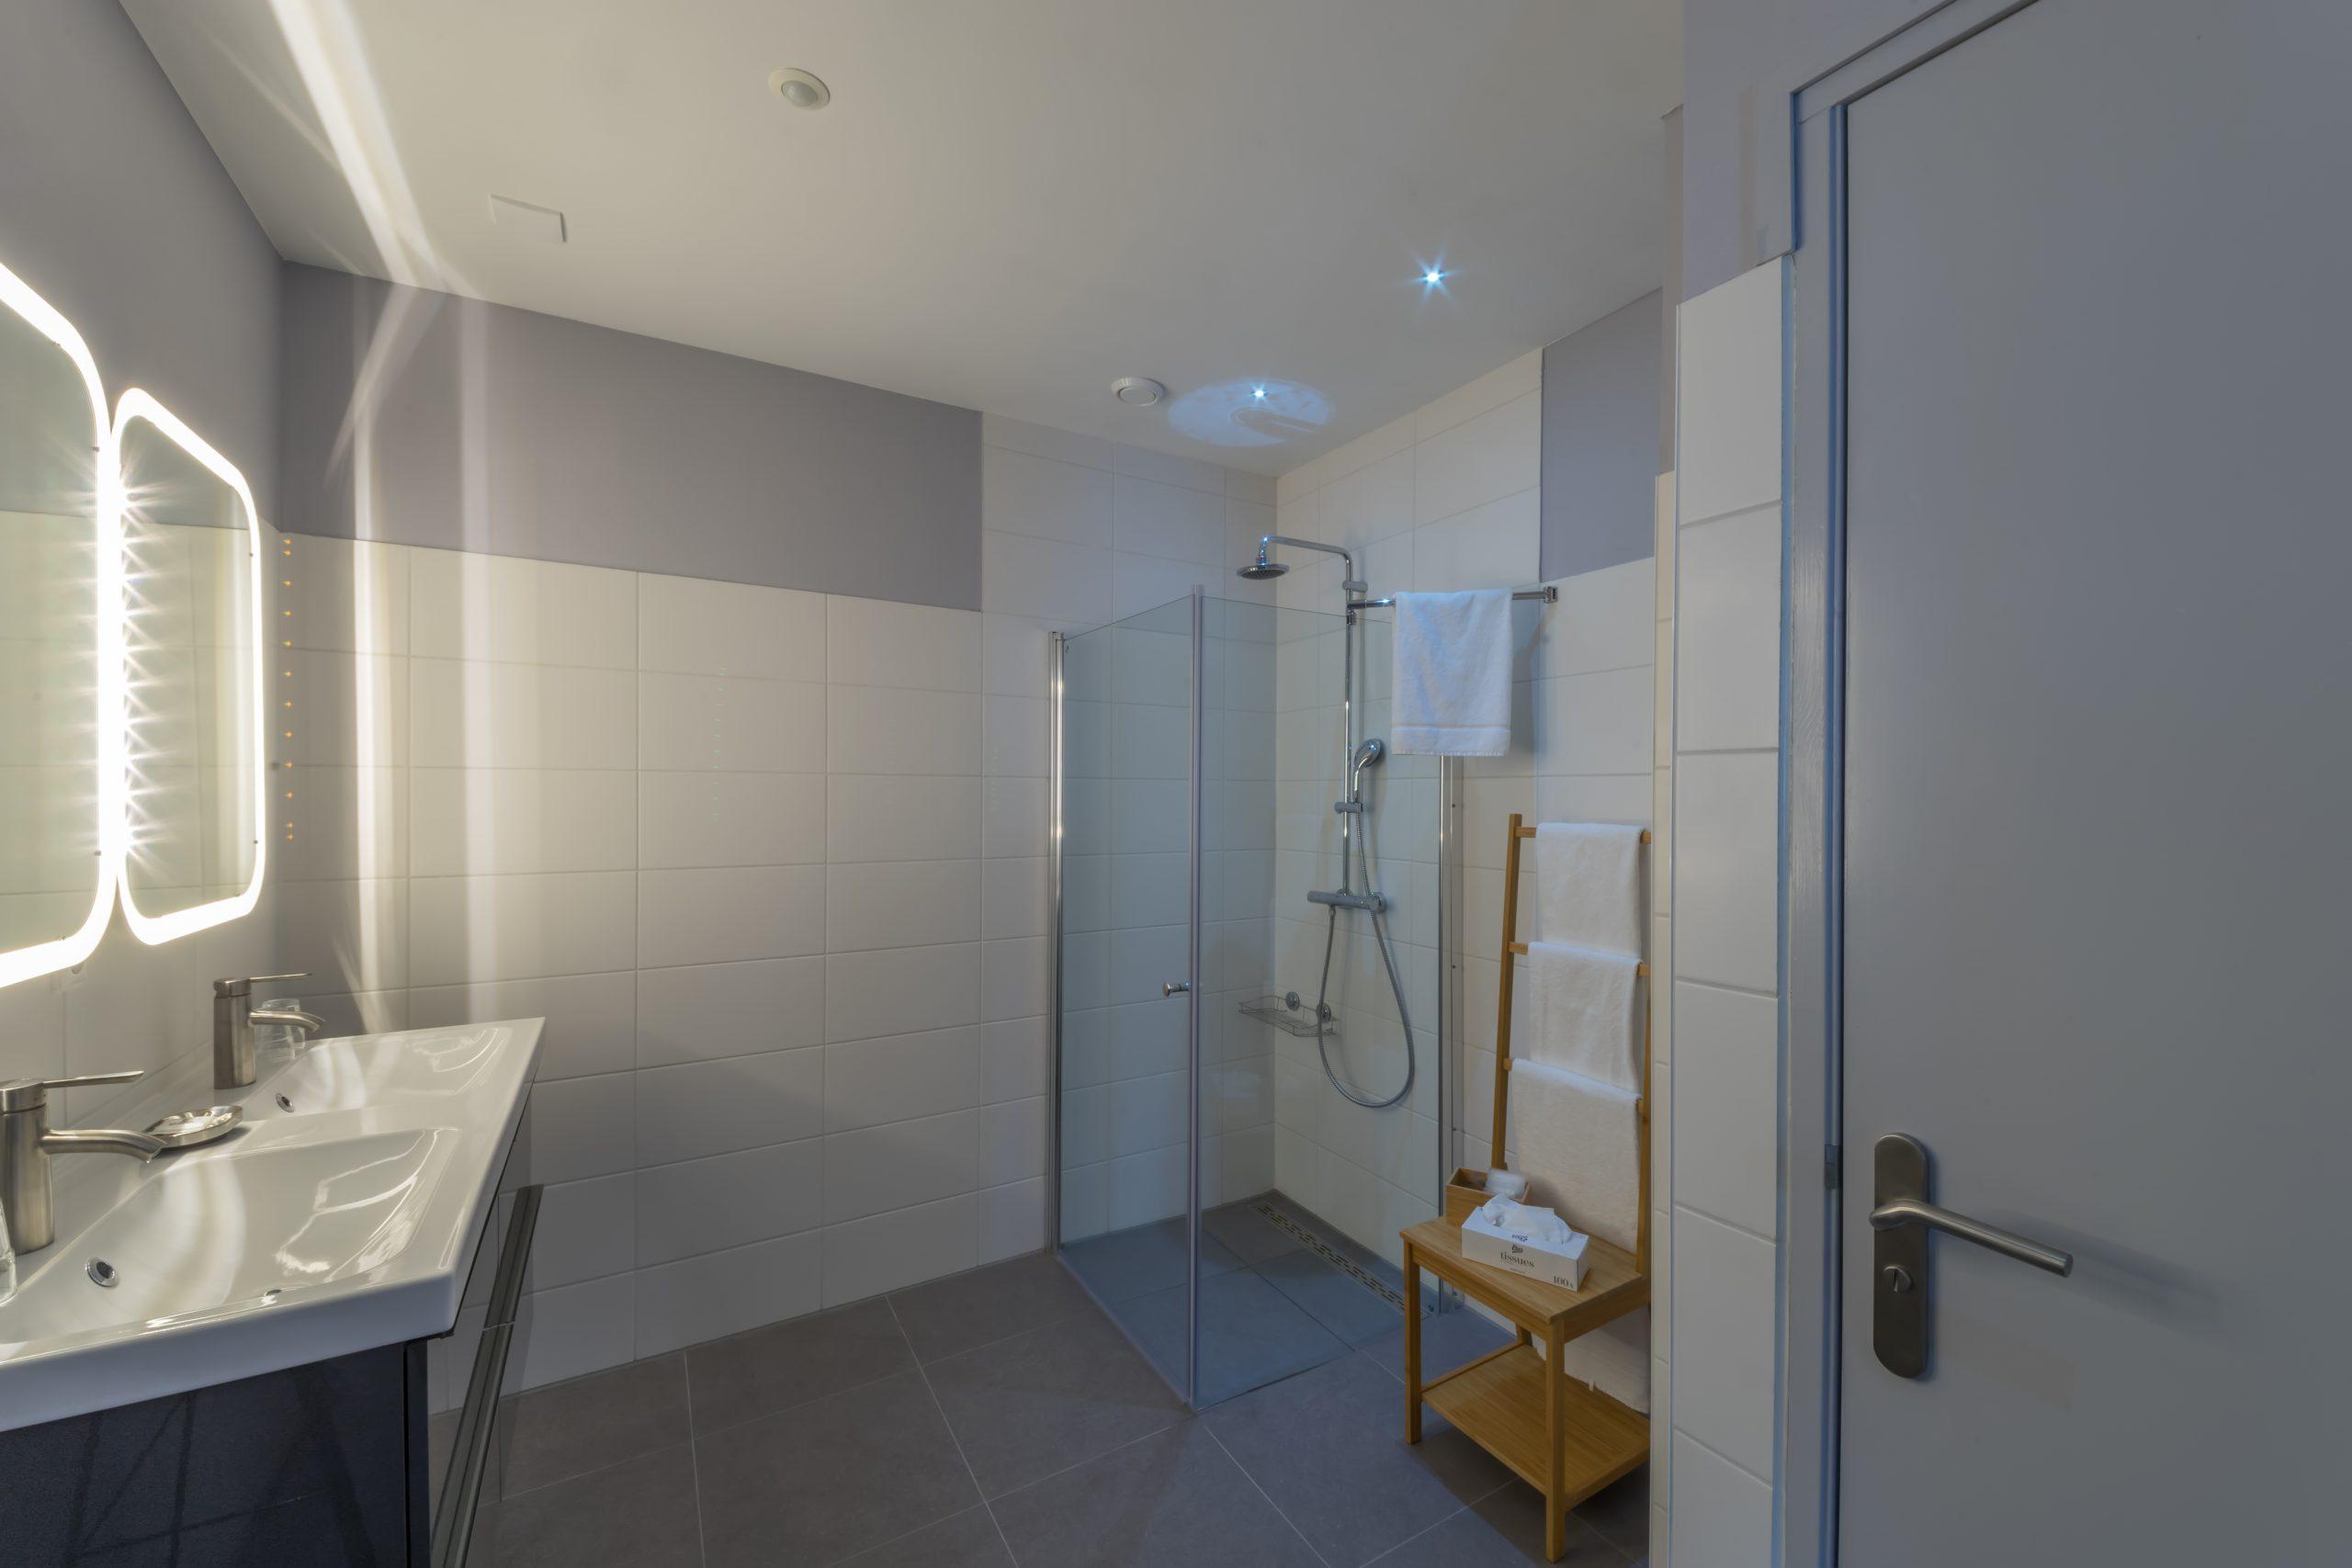 Badkamer-Bathroom-bathzimmer-Tulp-Relaxed-Slapen